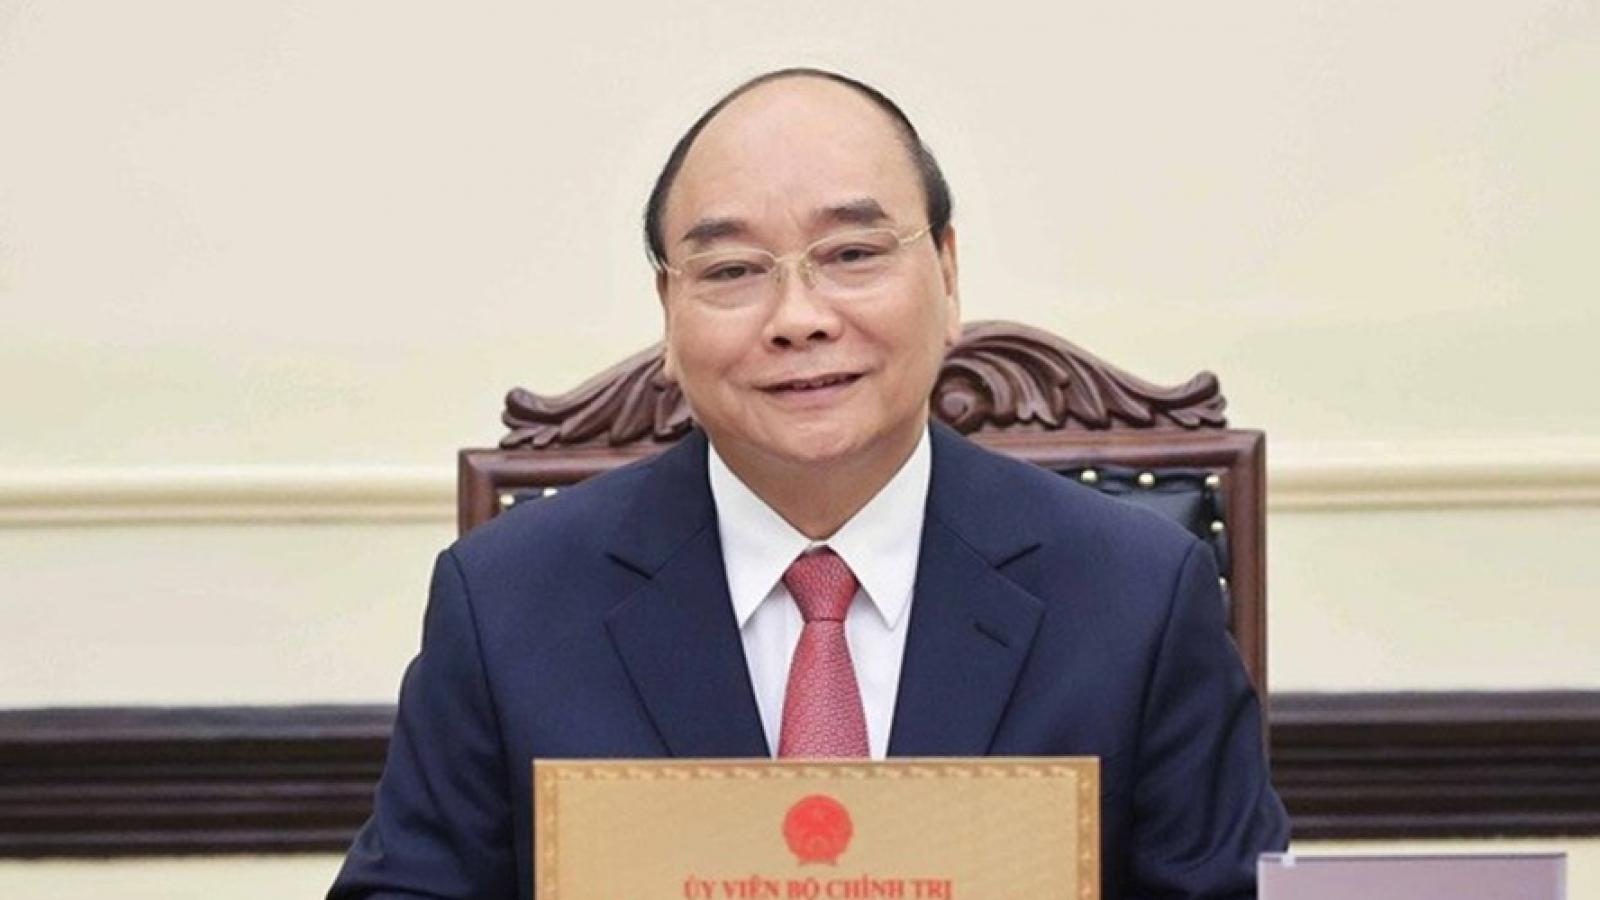 Chủ tịch nước gửi thư chúc mừng Đại hội lần thứ nhất Hiệp hội Khởi nghiệp Quốc gia